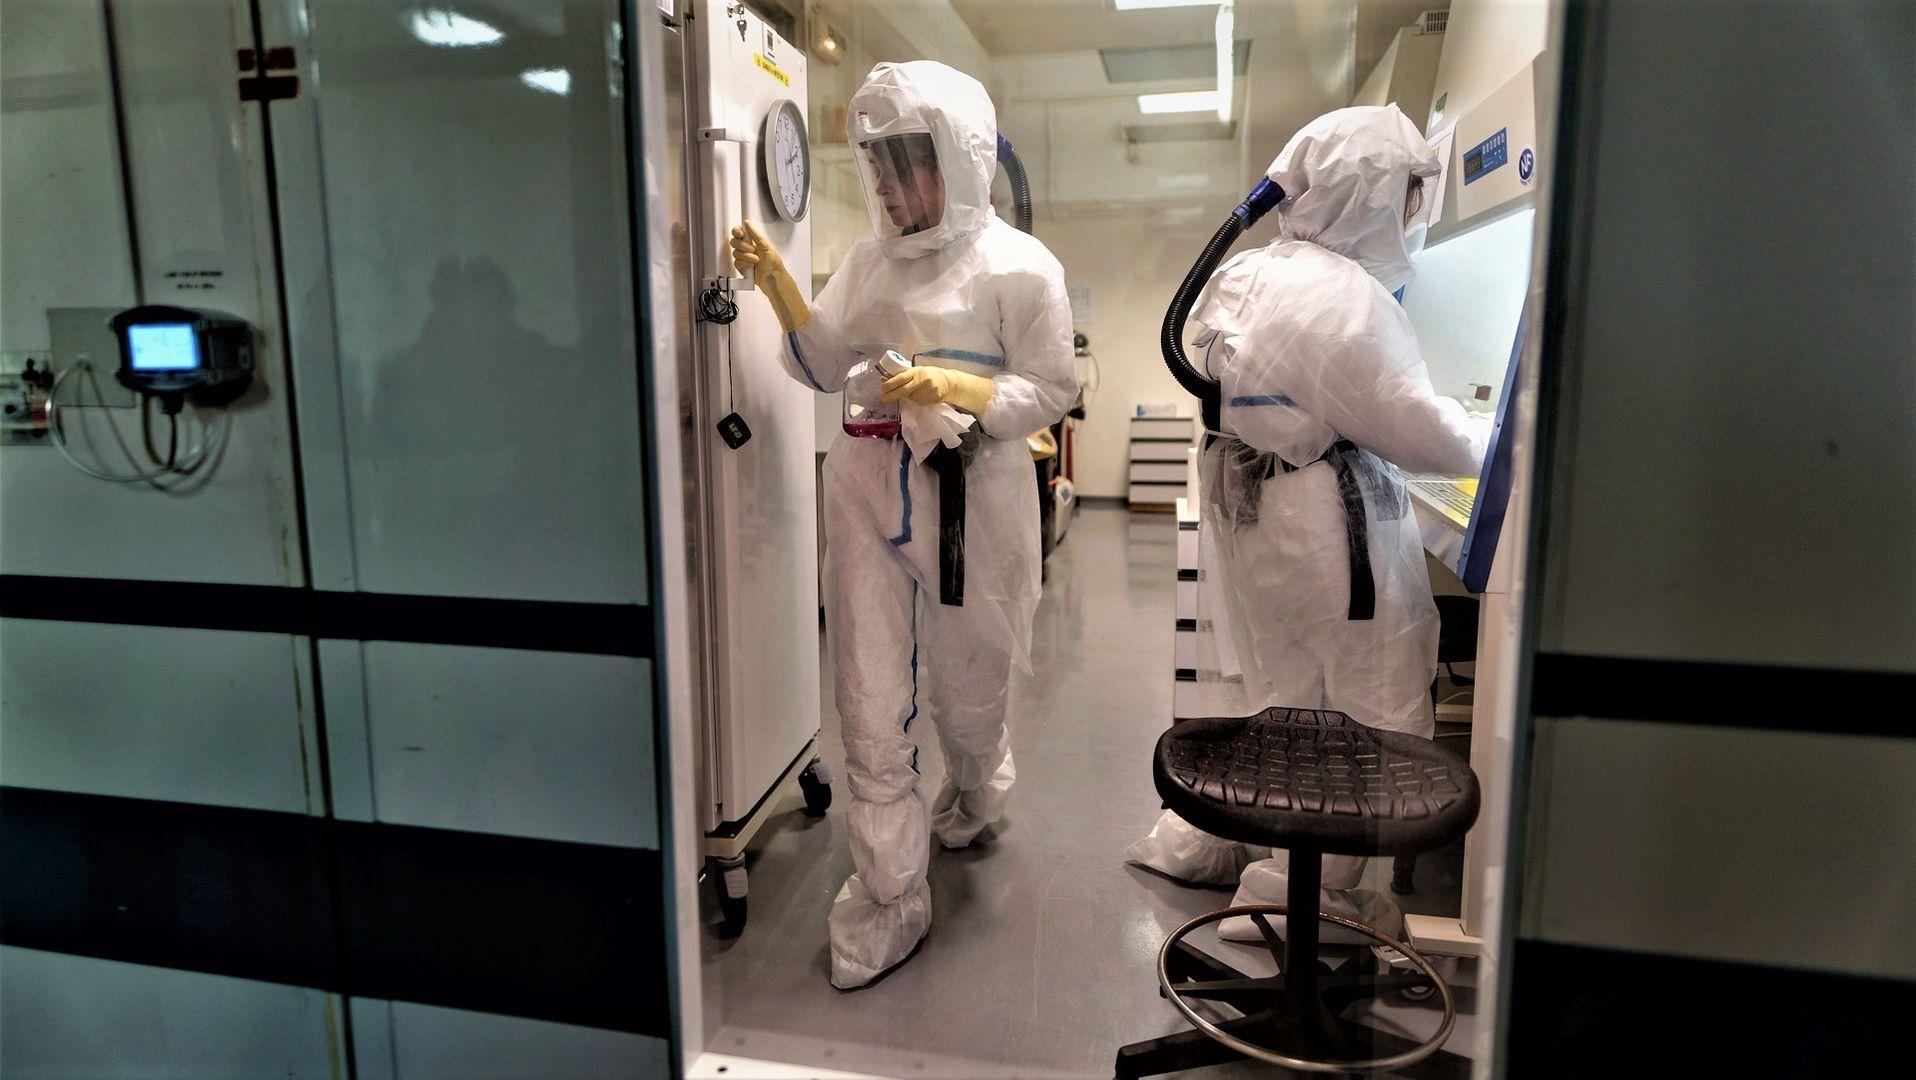 A. Danneels, techniczka medyczna i S. Belouzard, wirusolożka, pracują nad szczepionką na koronawirusa w Instytucie Pasteura w Lille, Francja, 20.03.2020